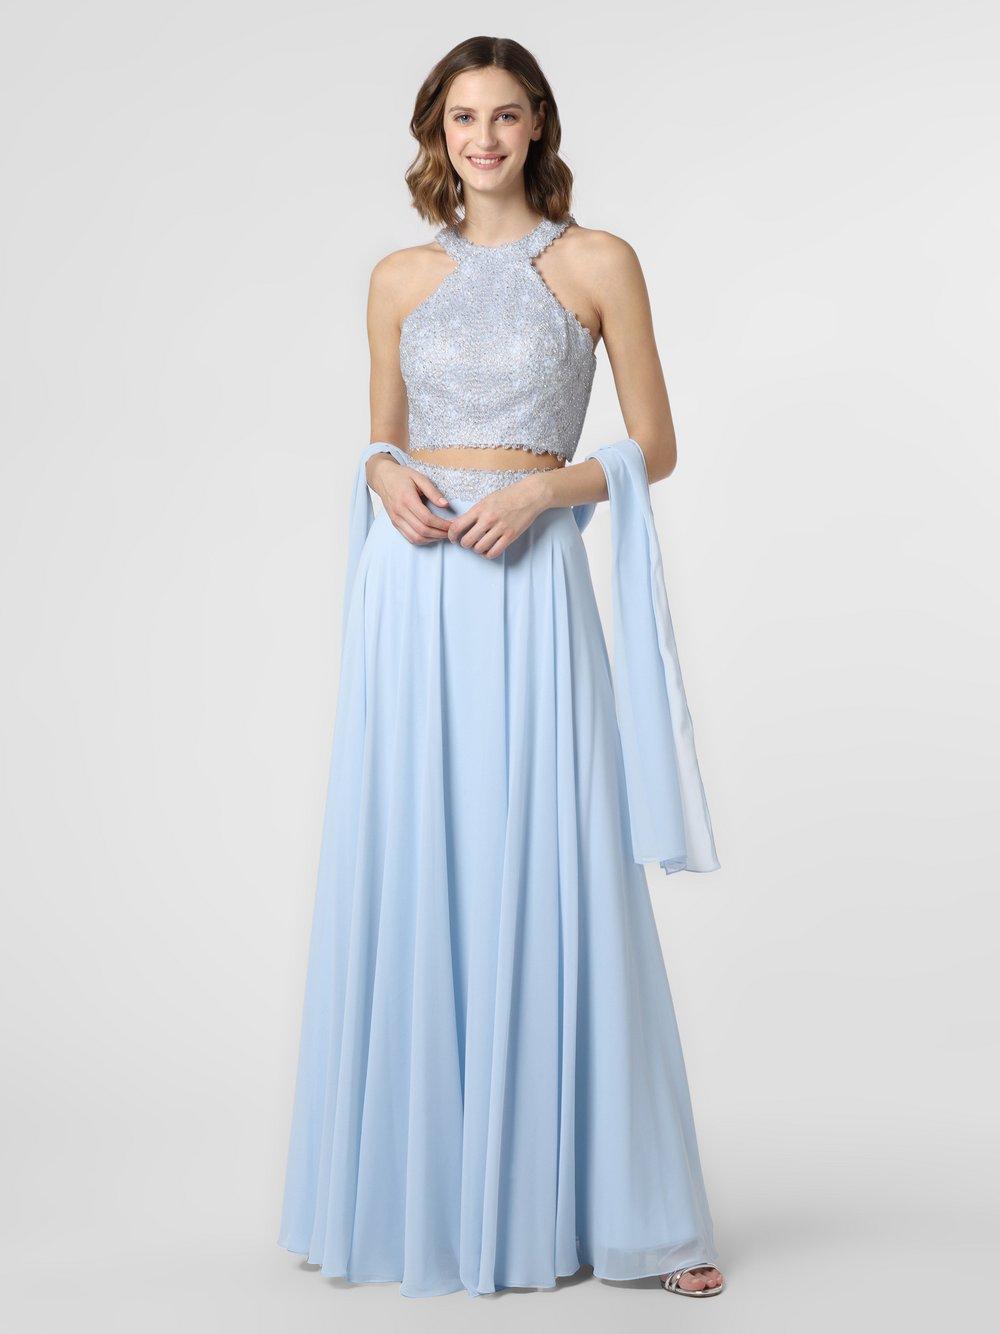 Luxuar Fashion - Damska sukienka wieczorowa z etolą, niebieski